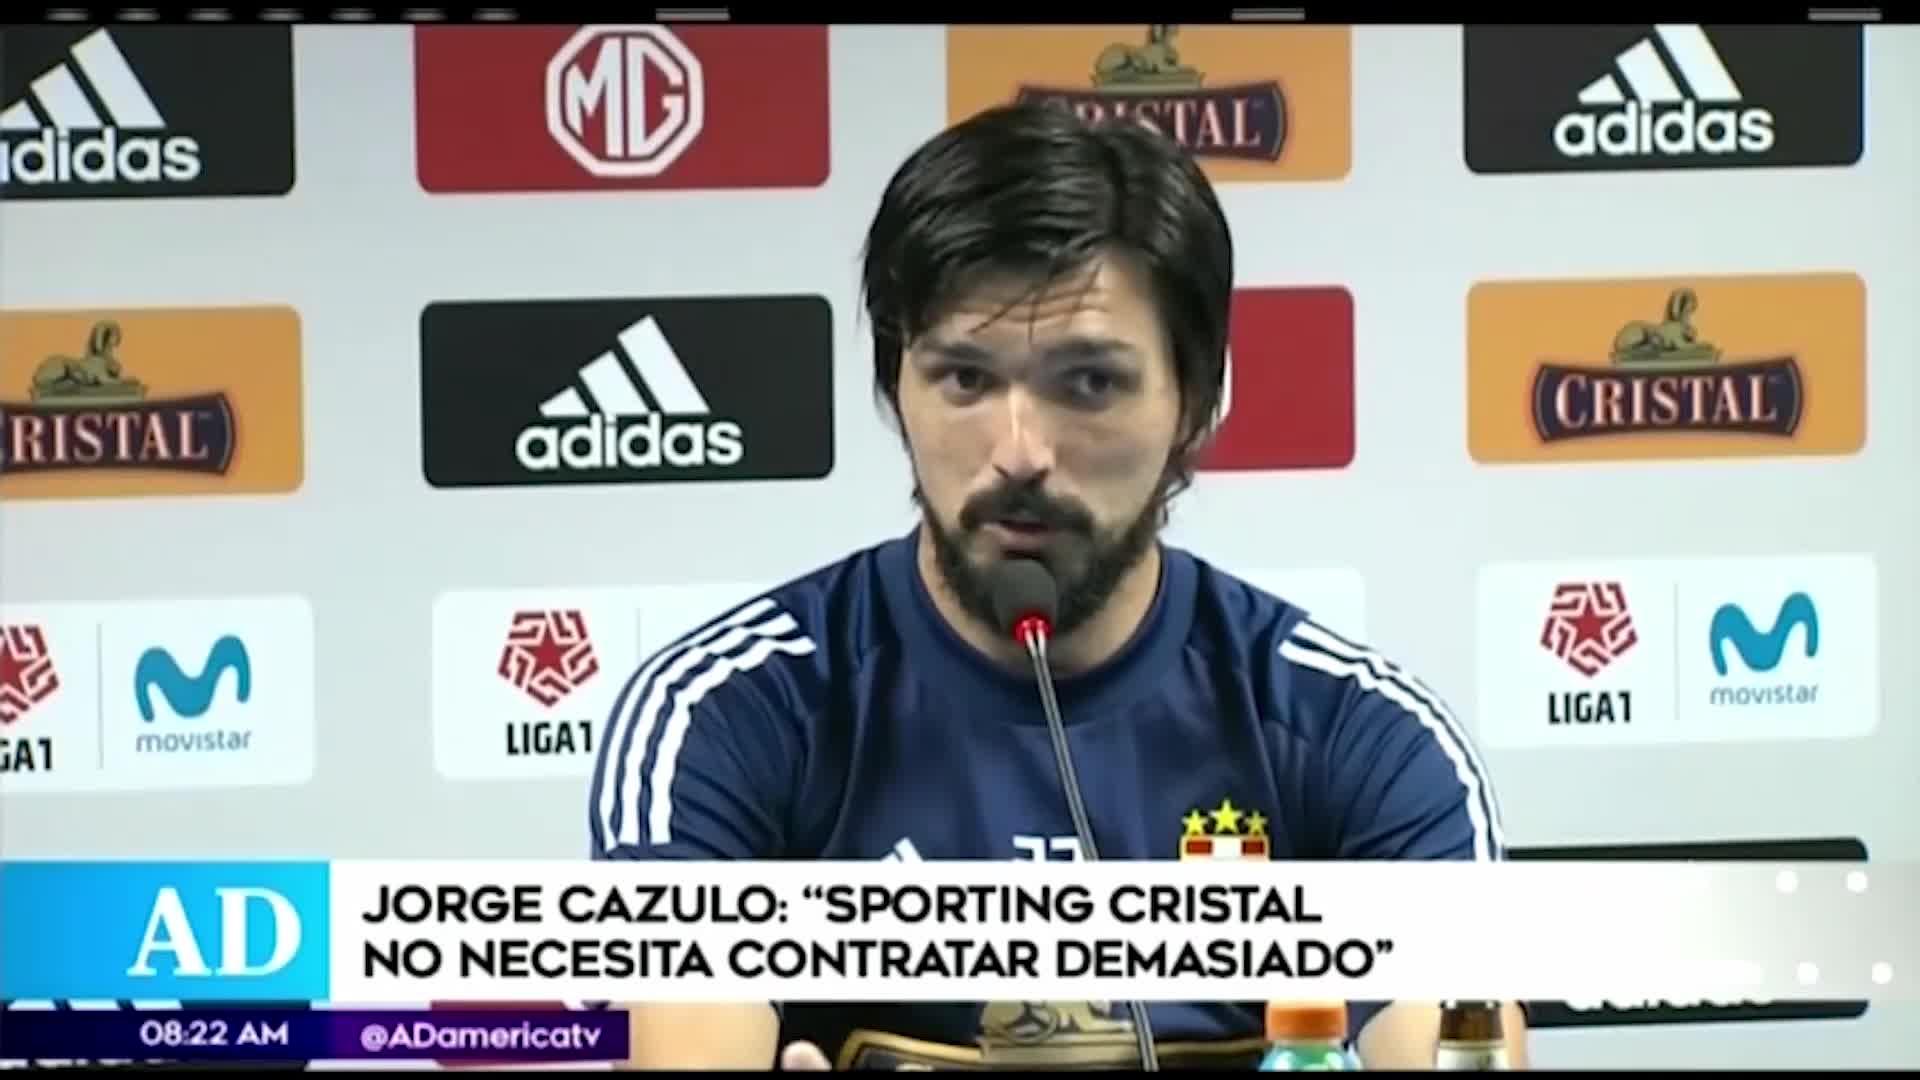 Jorge Cazulo asegura que Sporting Cristal no necesita contratar demasiado para lograr el campeonato